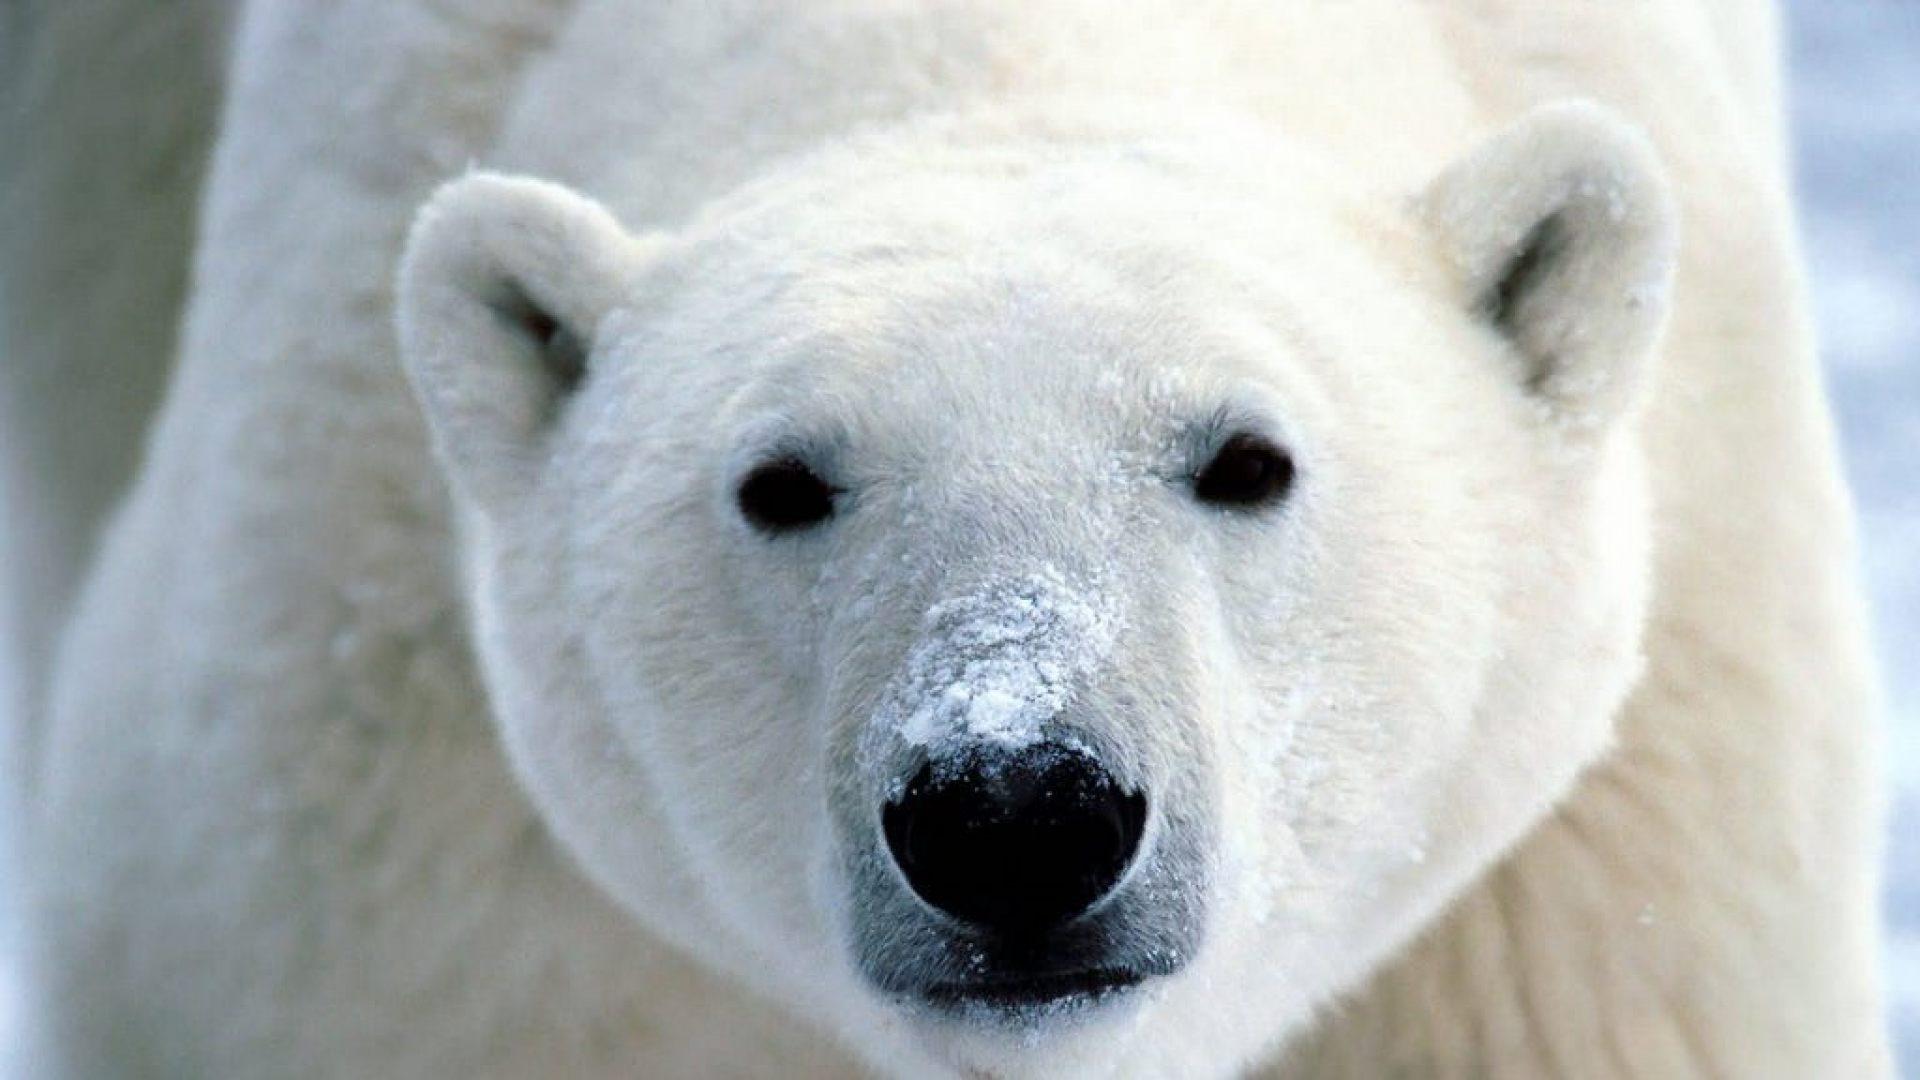 Los osos son los principales dispersores de semillas en Alaska , no los pájaros